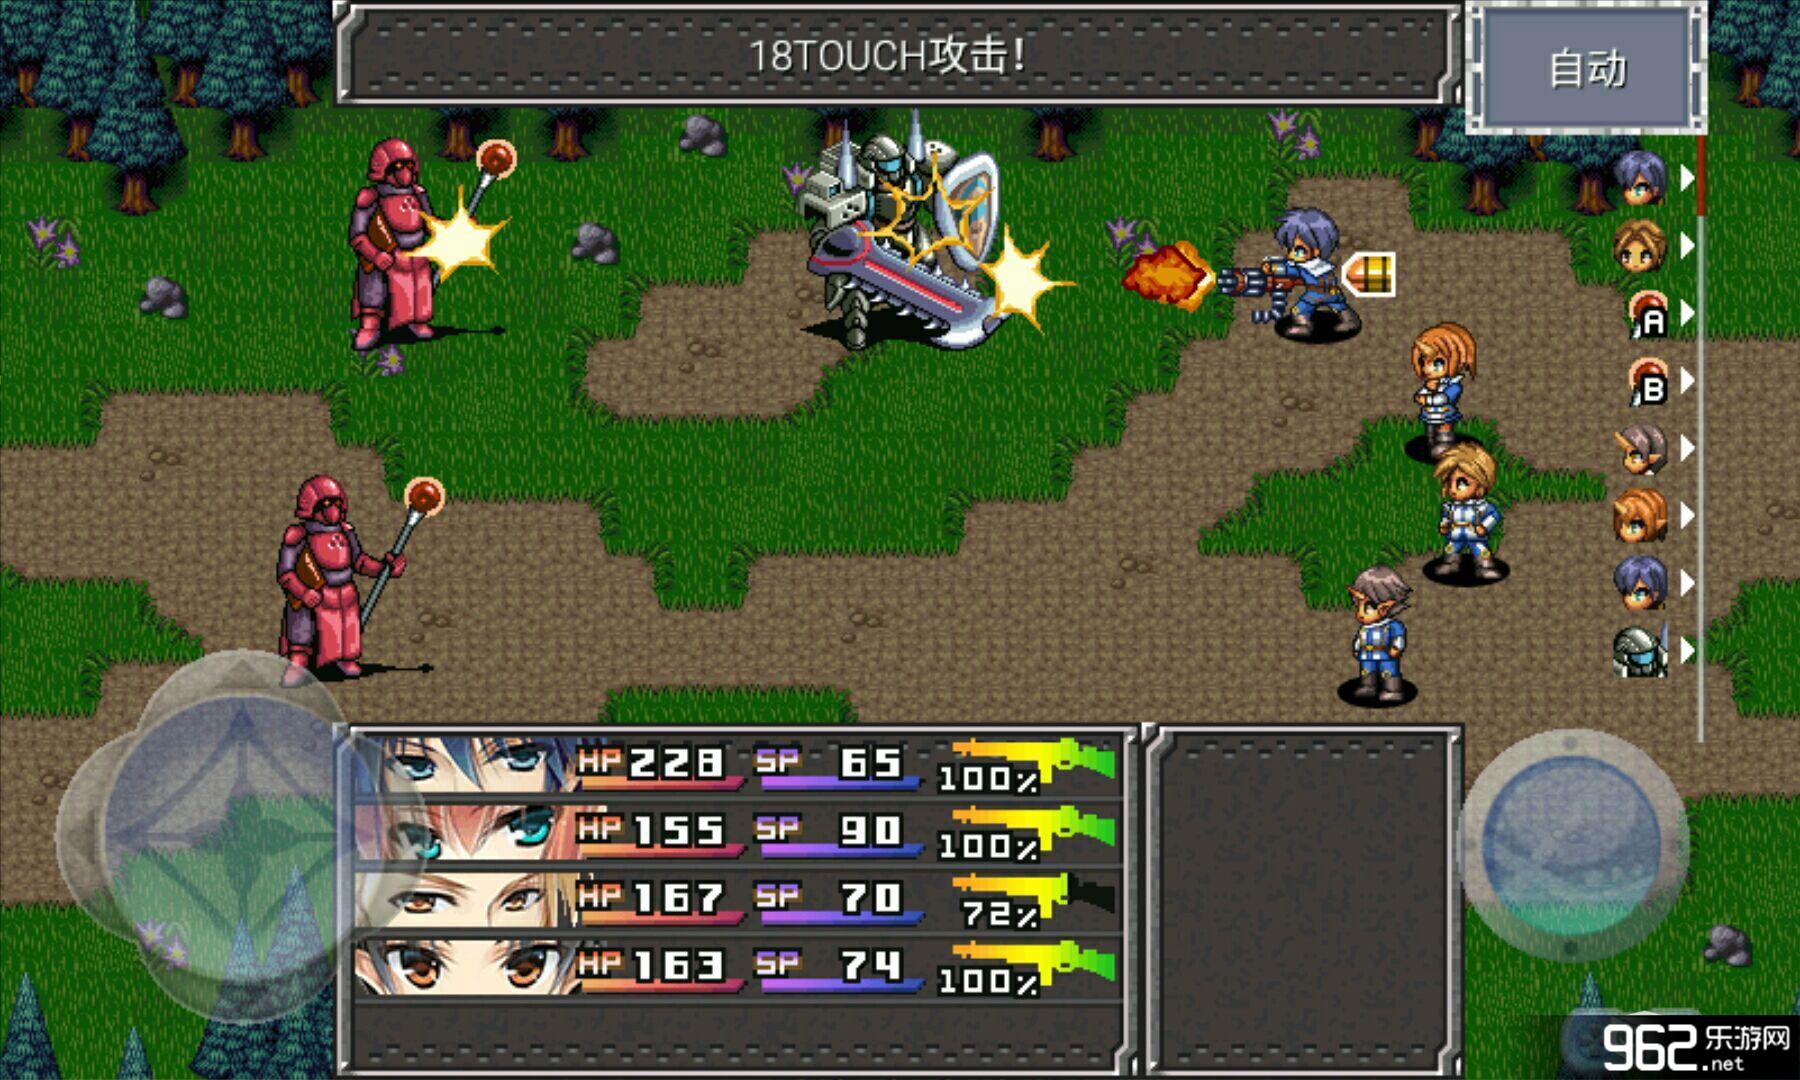 钢铁孤狼 RPG Chrome Wolf - KEMCO完整汉化版v1.0截图3